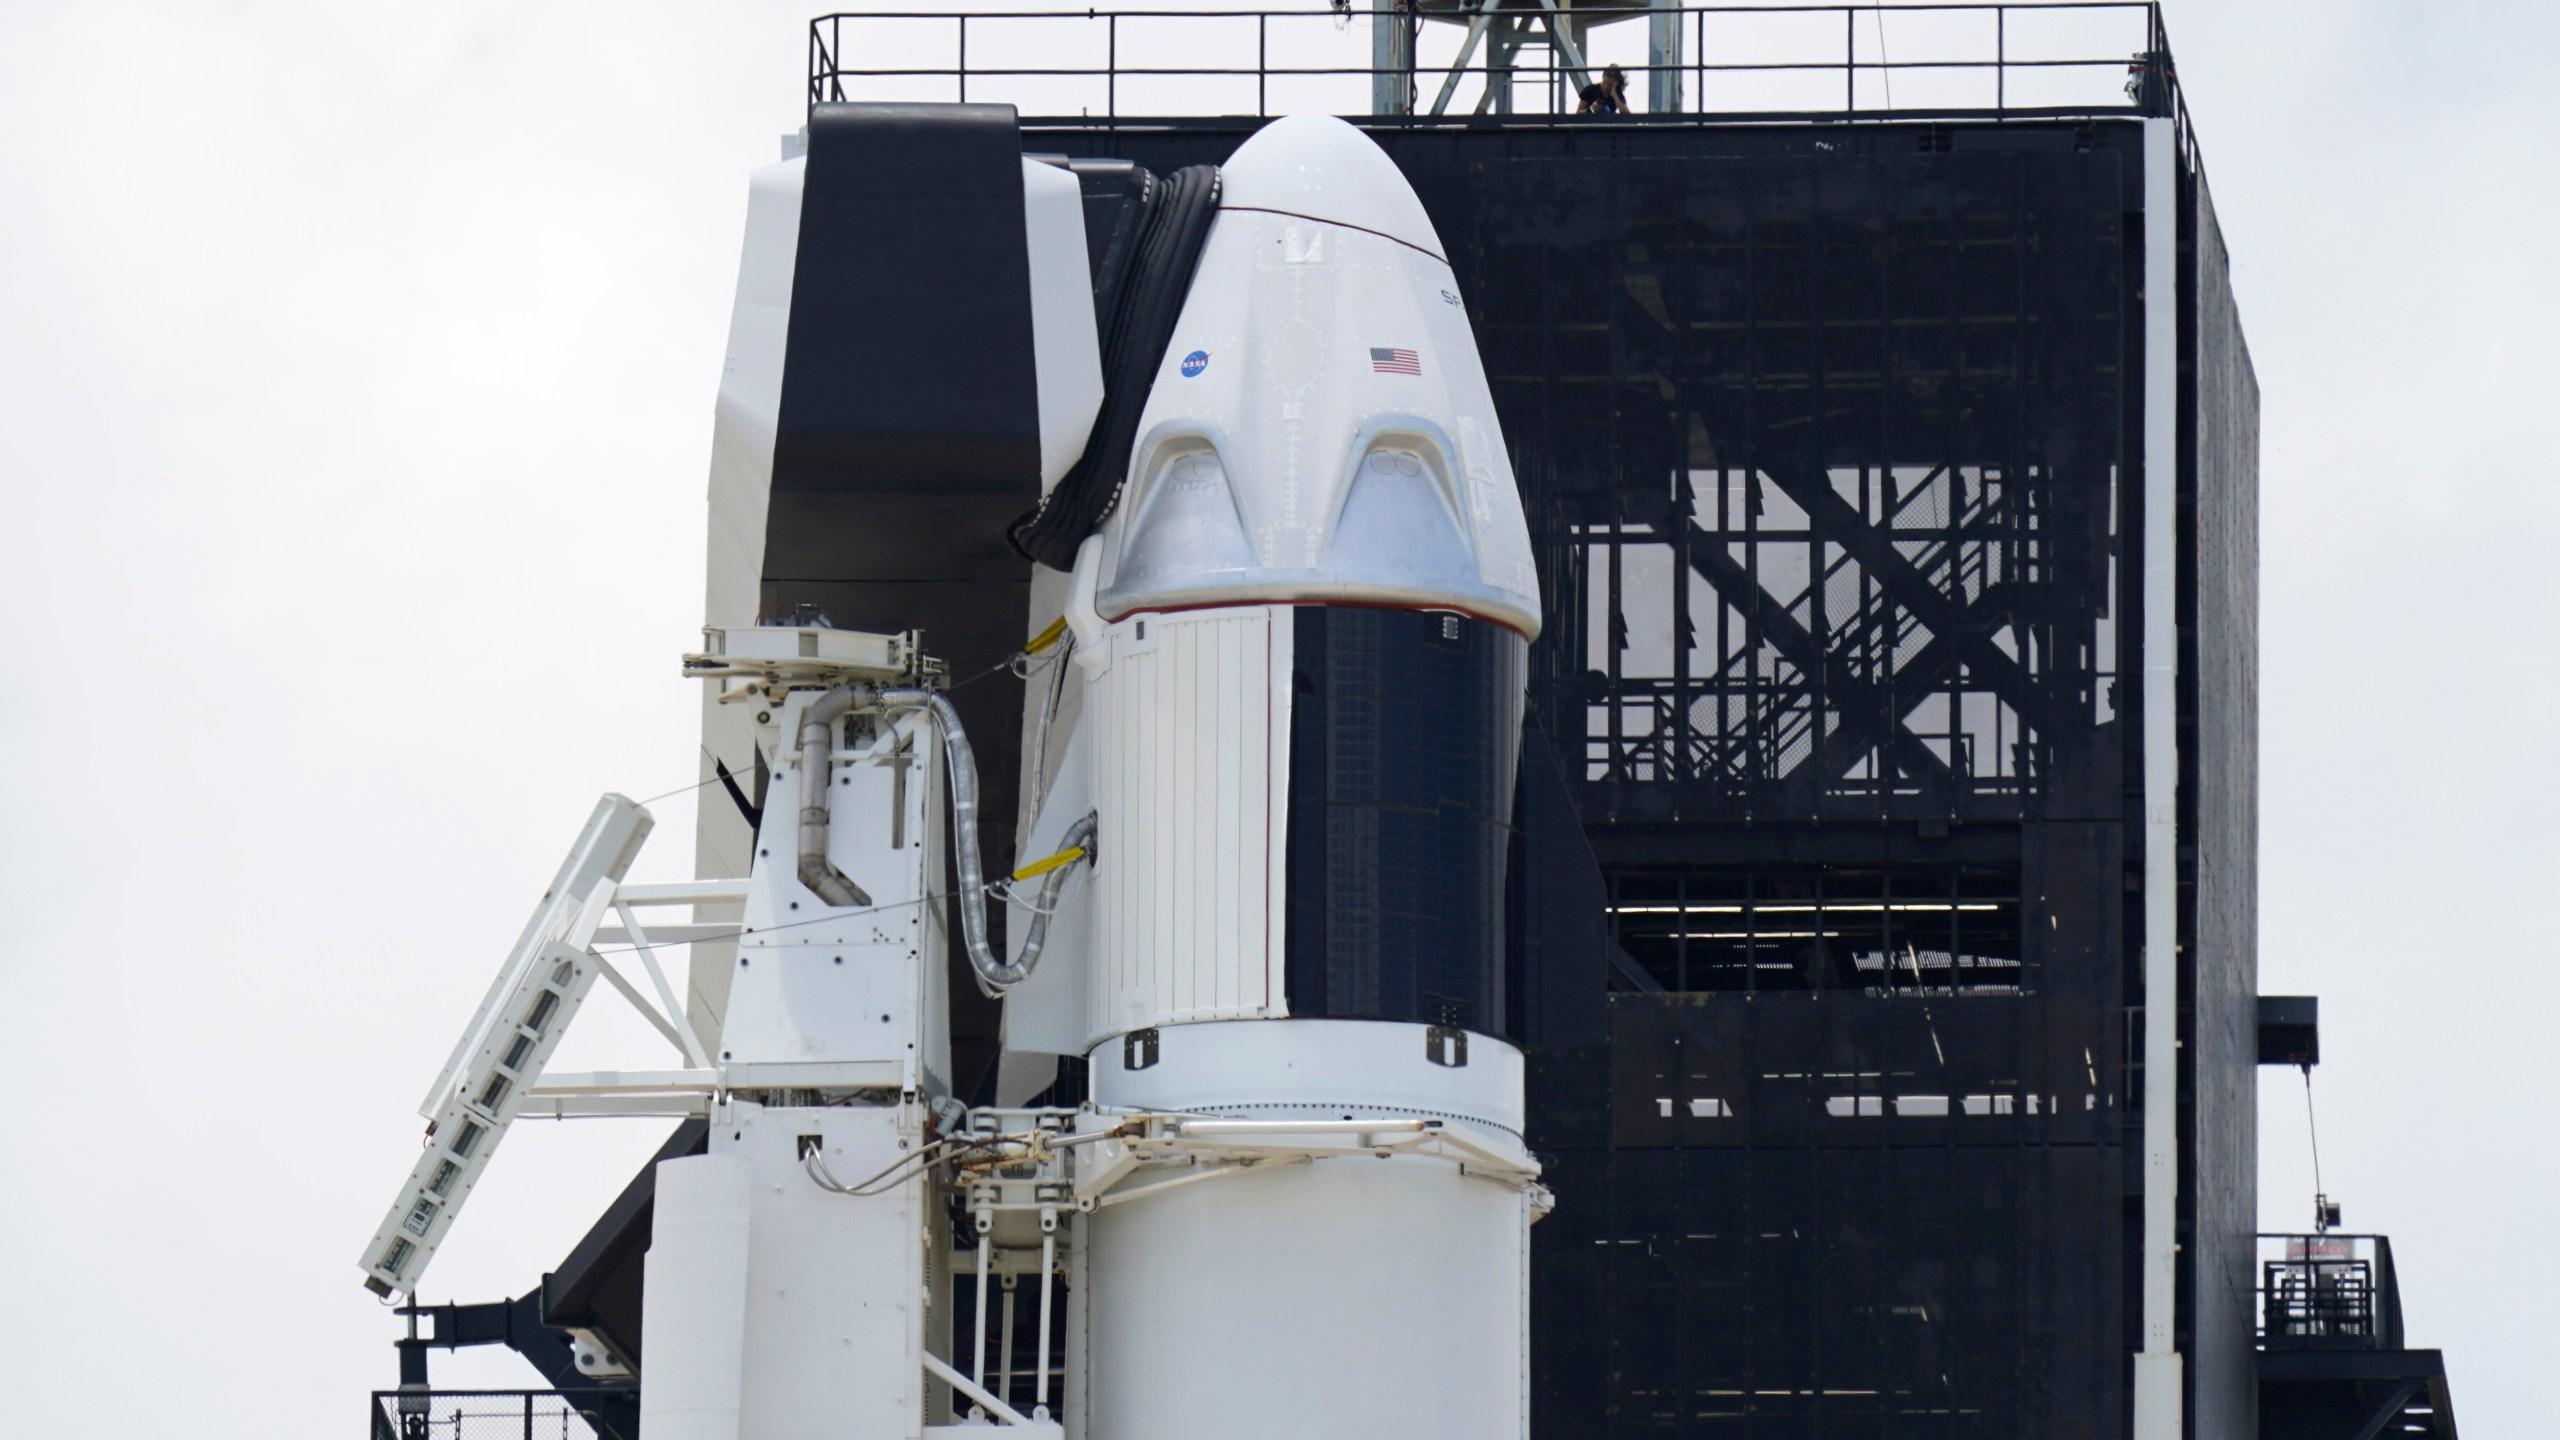 Space X, Falcon 9